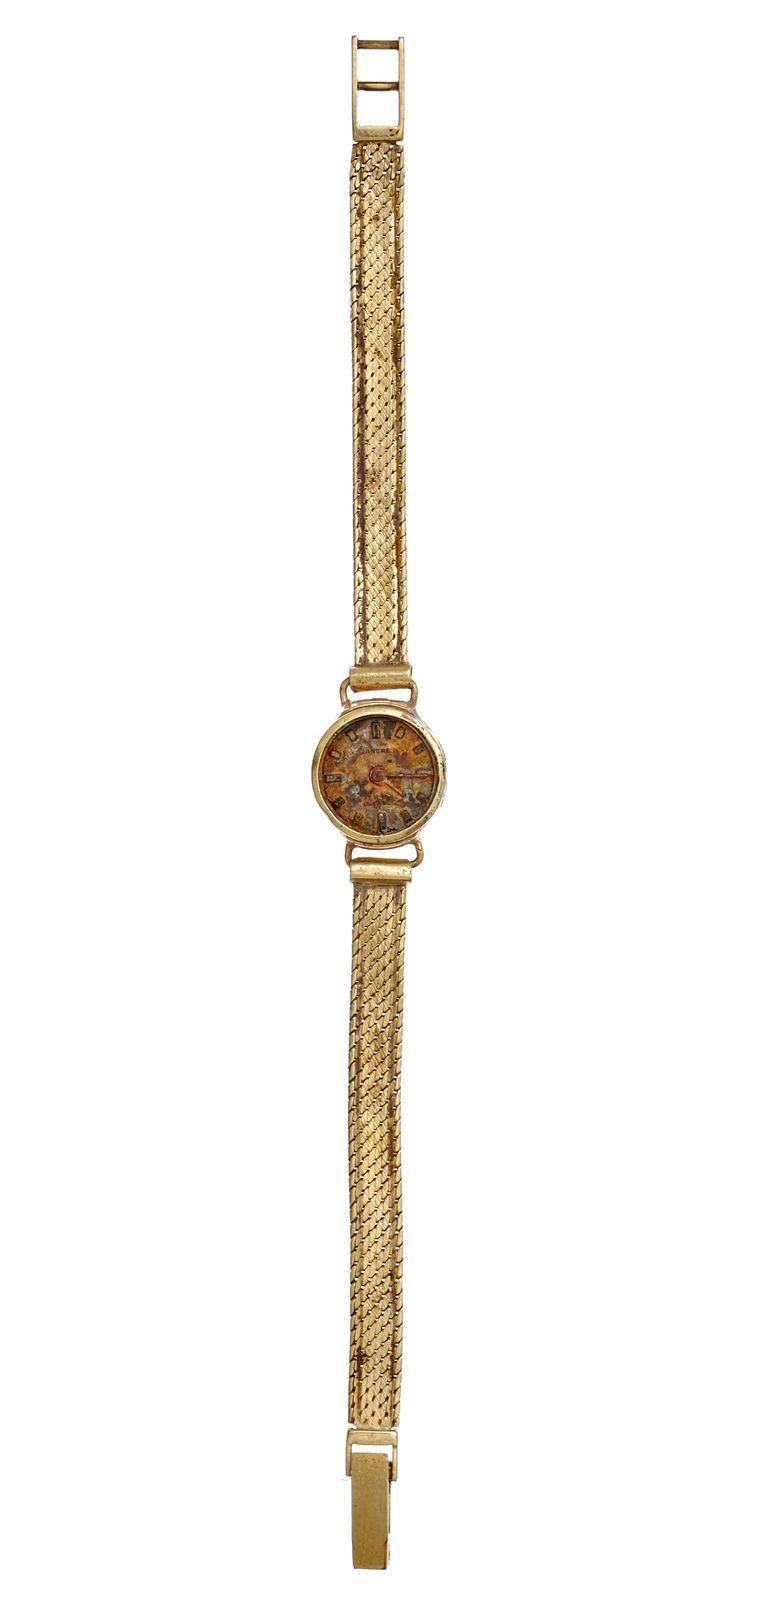 Gouden horloge, Vondstnummer: NZD1.00097MTL016. Het gouden damespolshorloge is van het merk Ancre, Zwitserland. Op de sluiting staan vier goudmerken. Het polshorloge komt uit de periode 1960-1990. Het is gevonden op het Damrak bij de Nieuwe Brug Beeld Spul